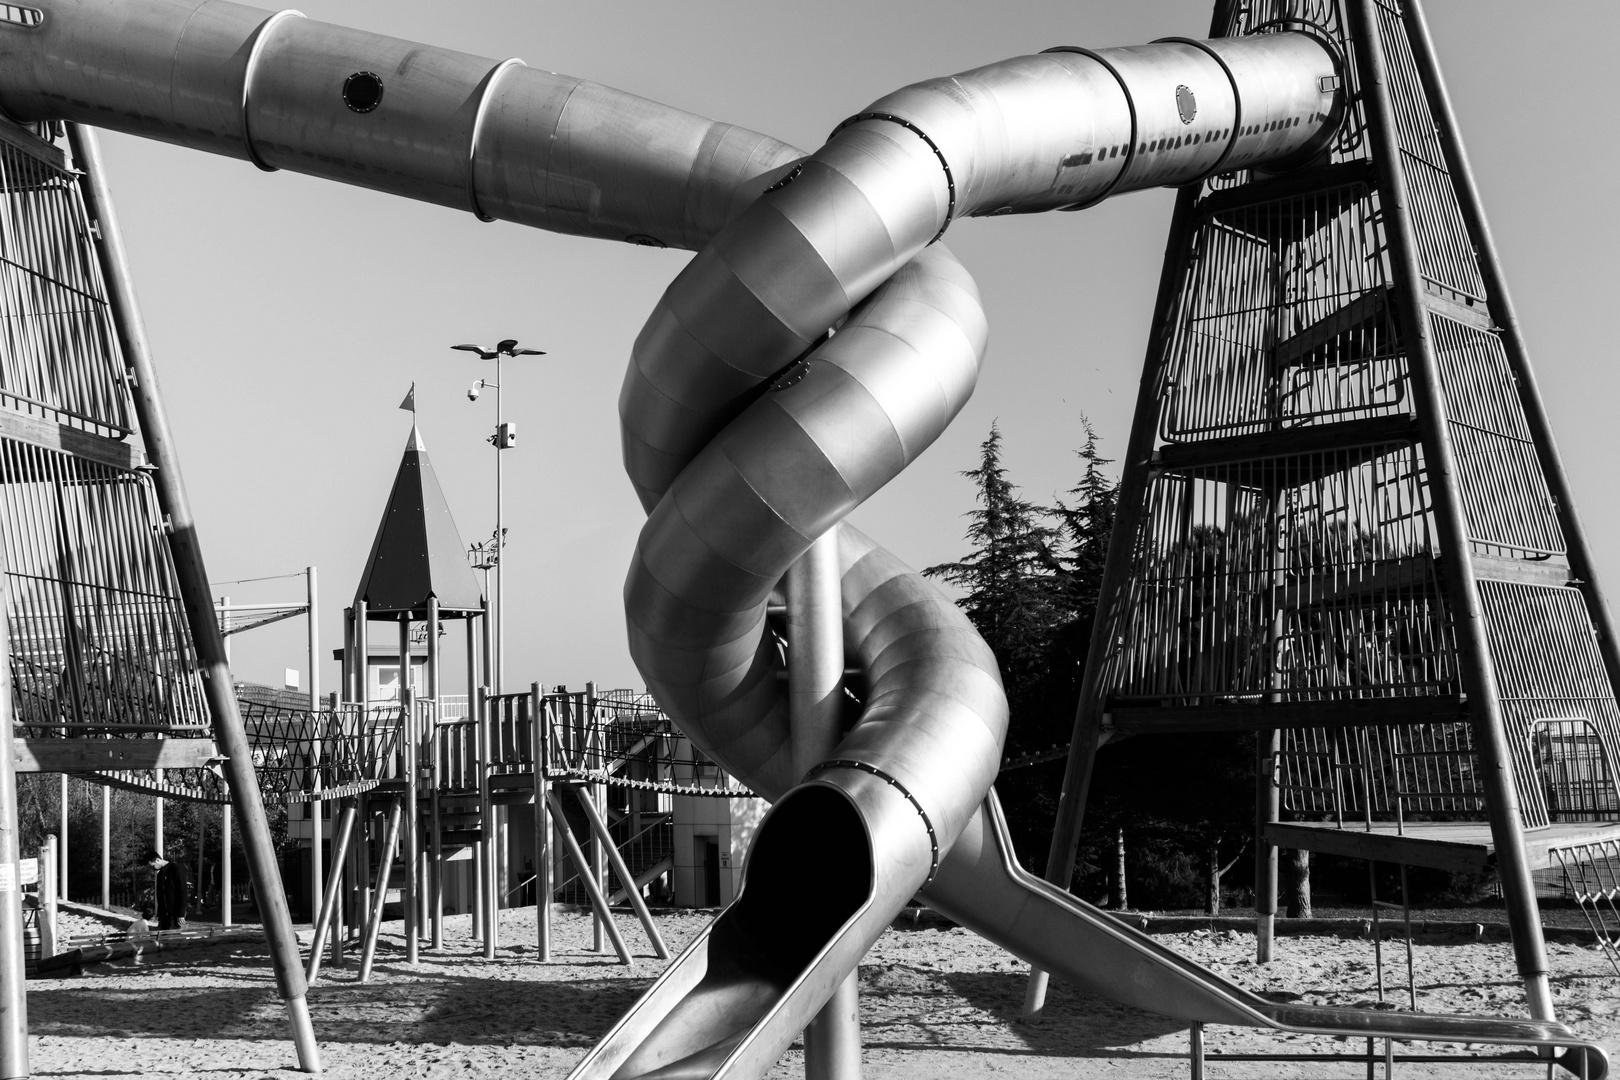 Playground of the Modern Era